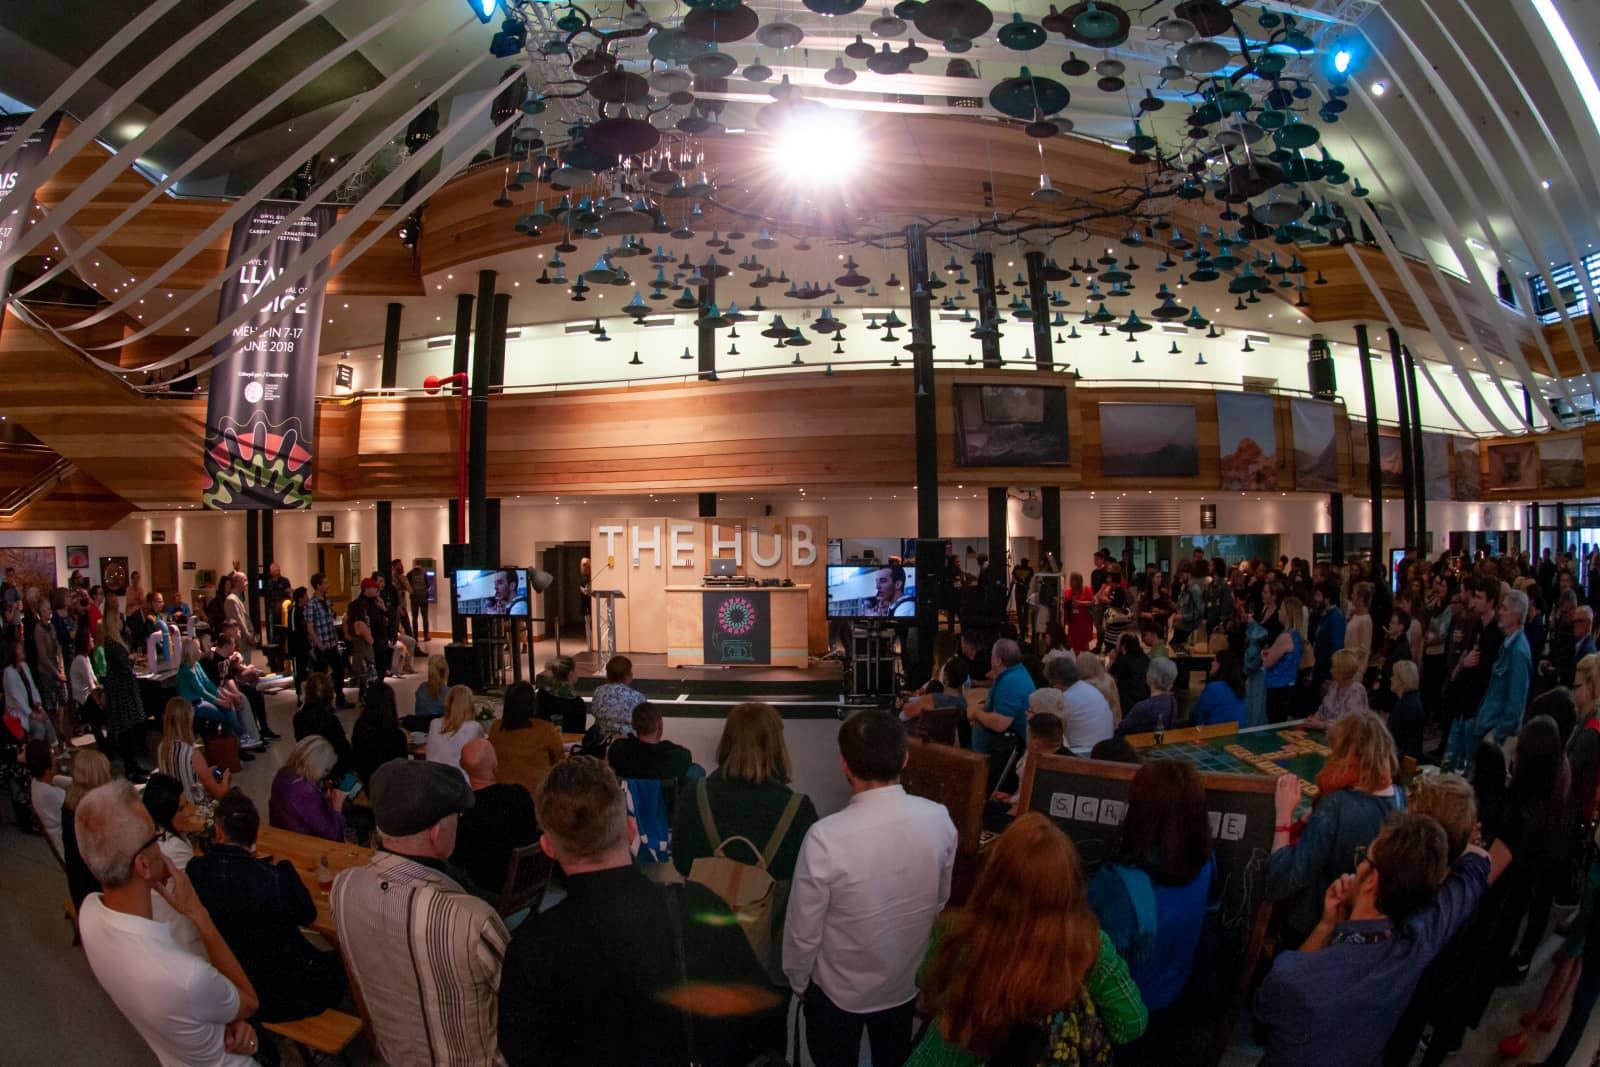 Festival of Voice Hub in Glanfa